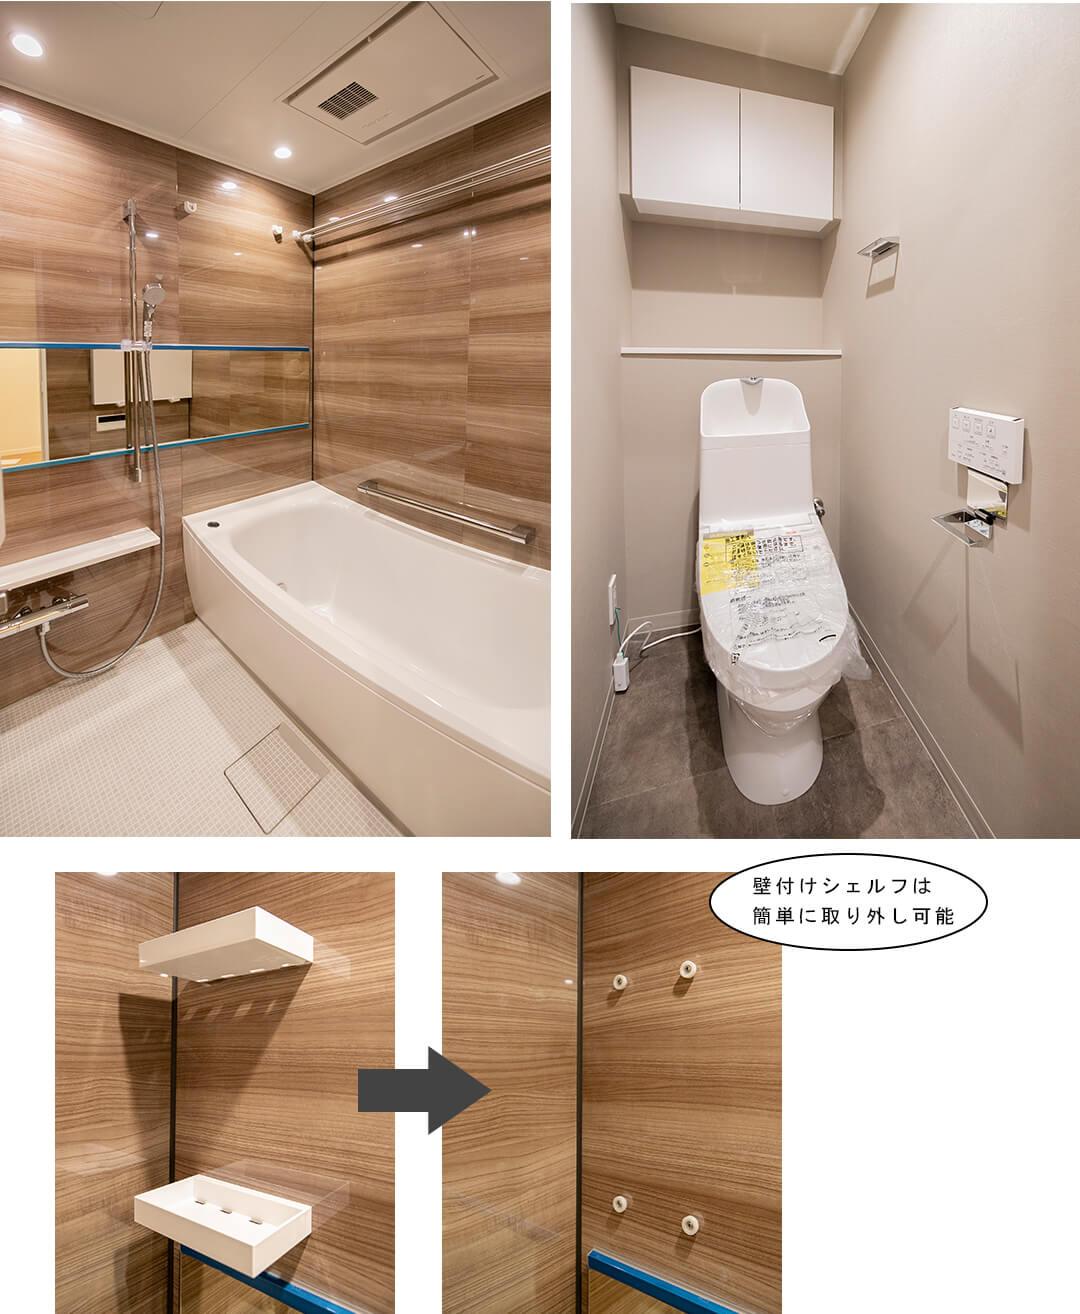 アスコットパーク錦糸町プレミオの浴室とトイレ